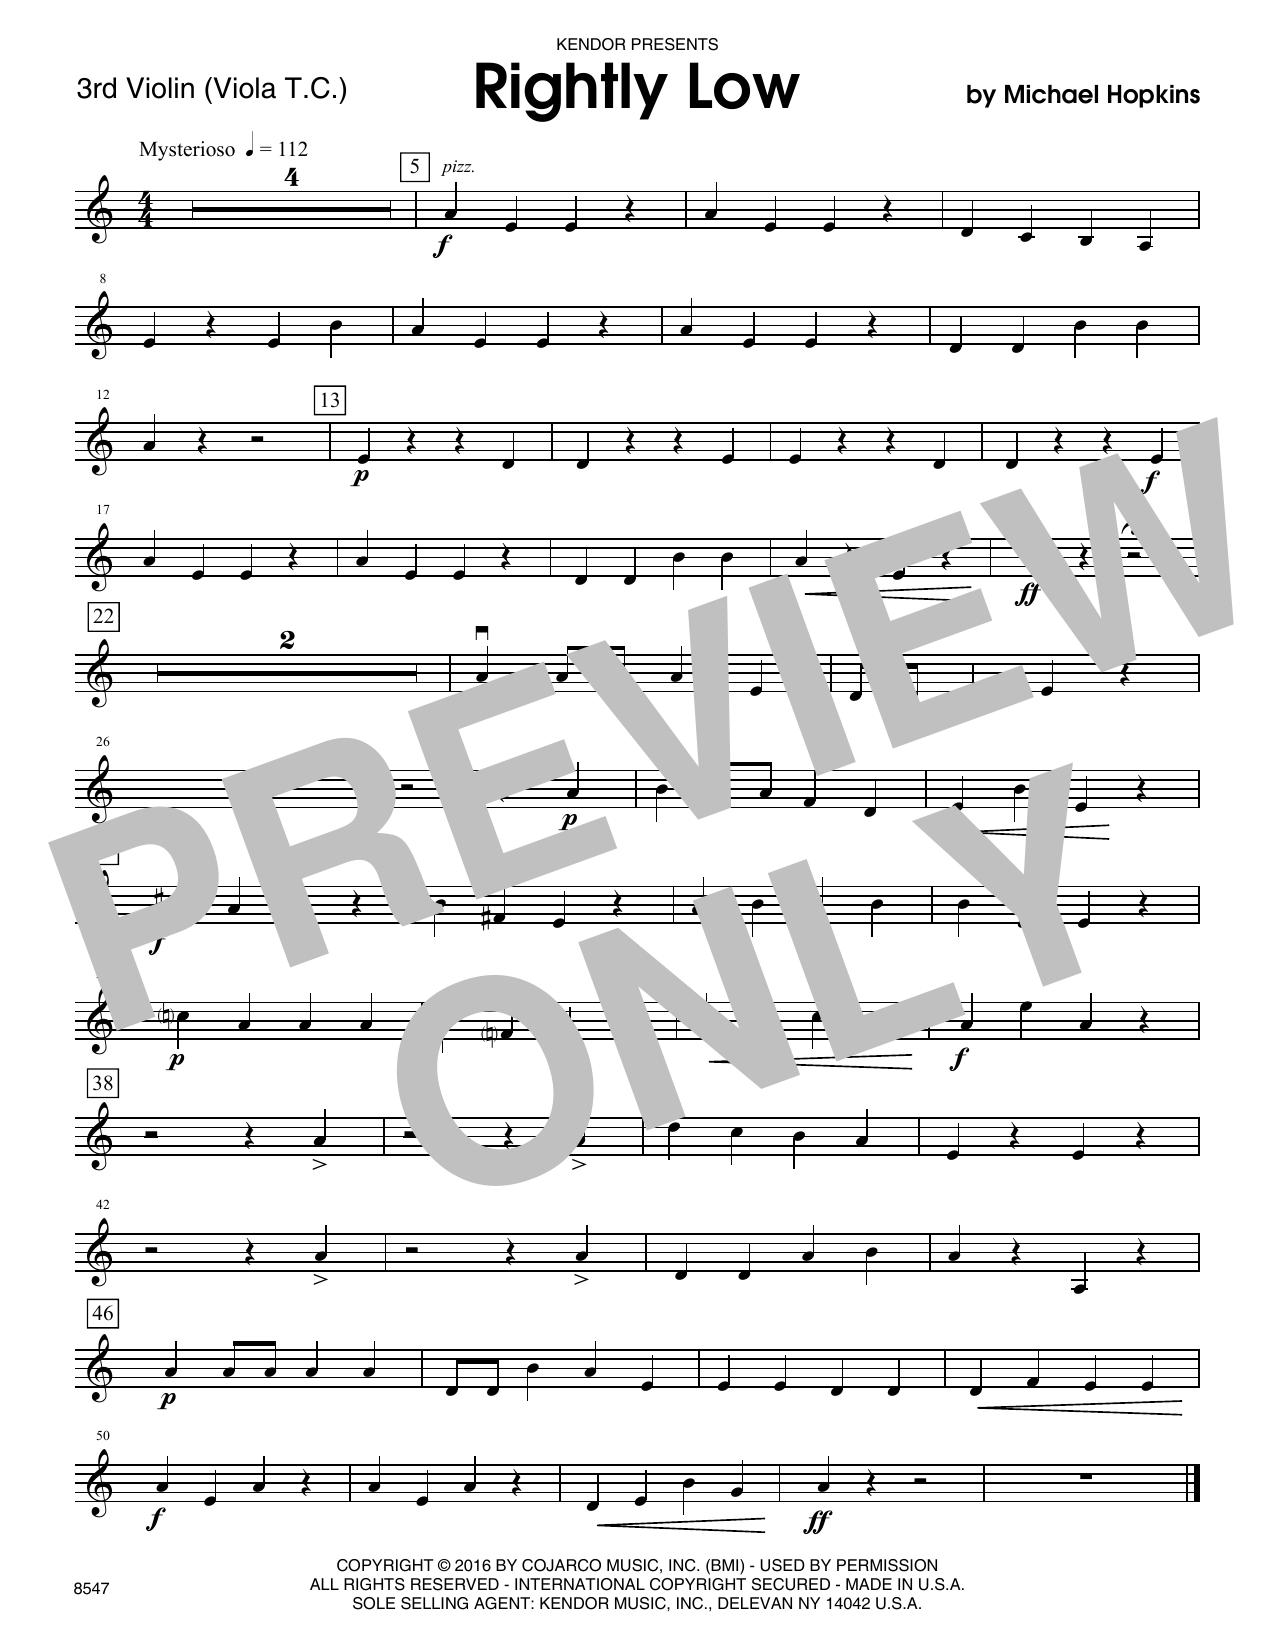 Rightly Low - Violin 3 (Viola T.C.)